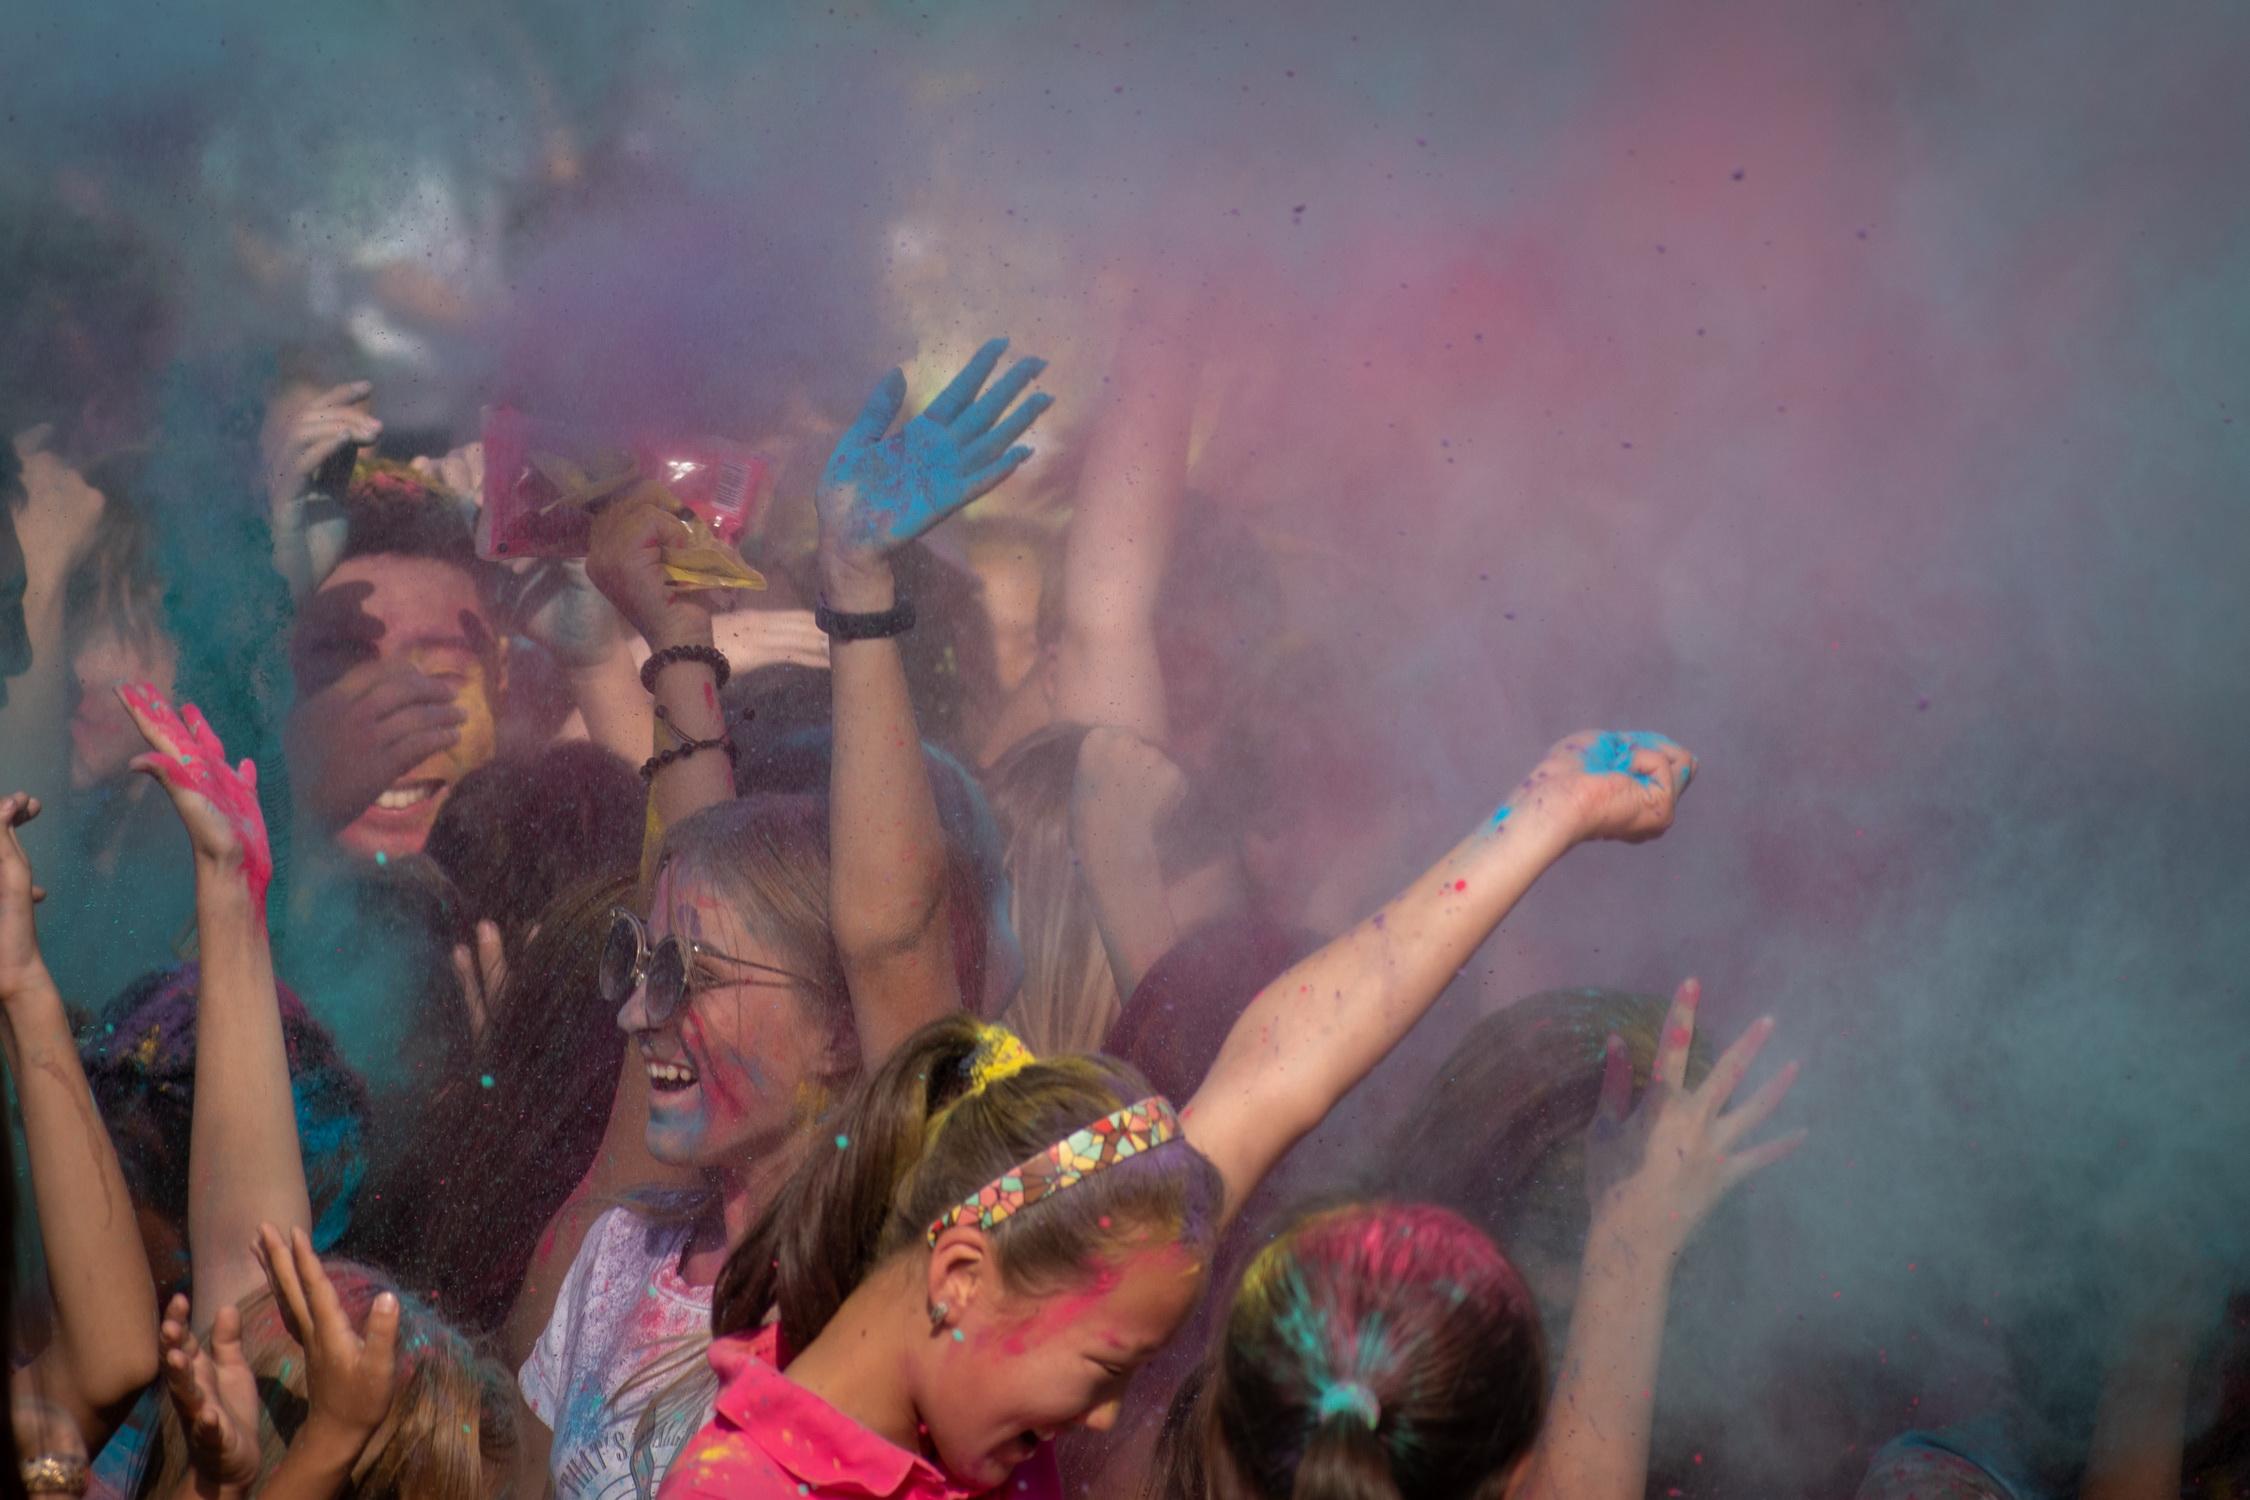 В разноцветных клубах краски ничего не разглядишь